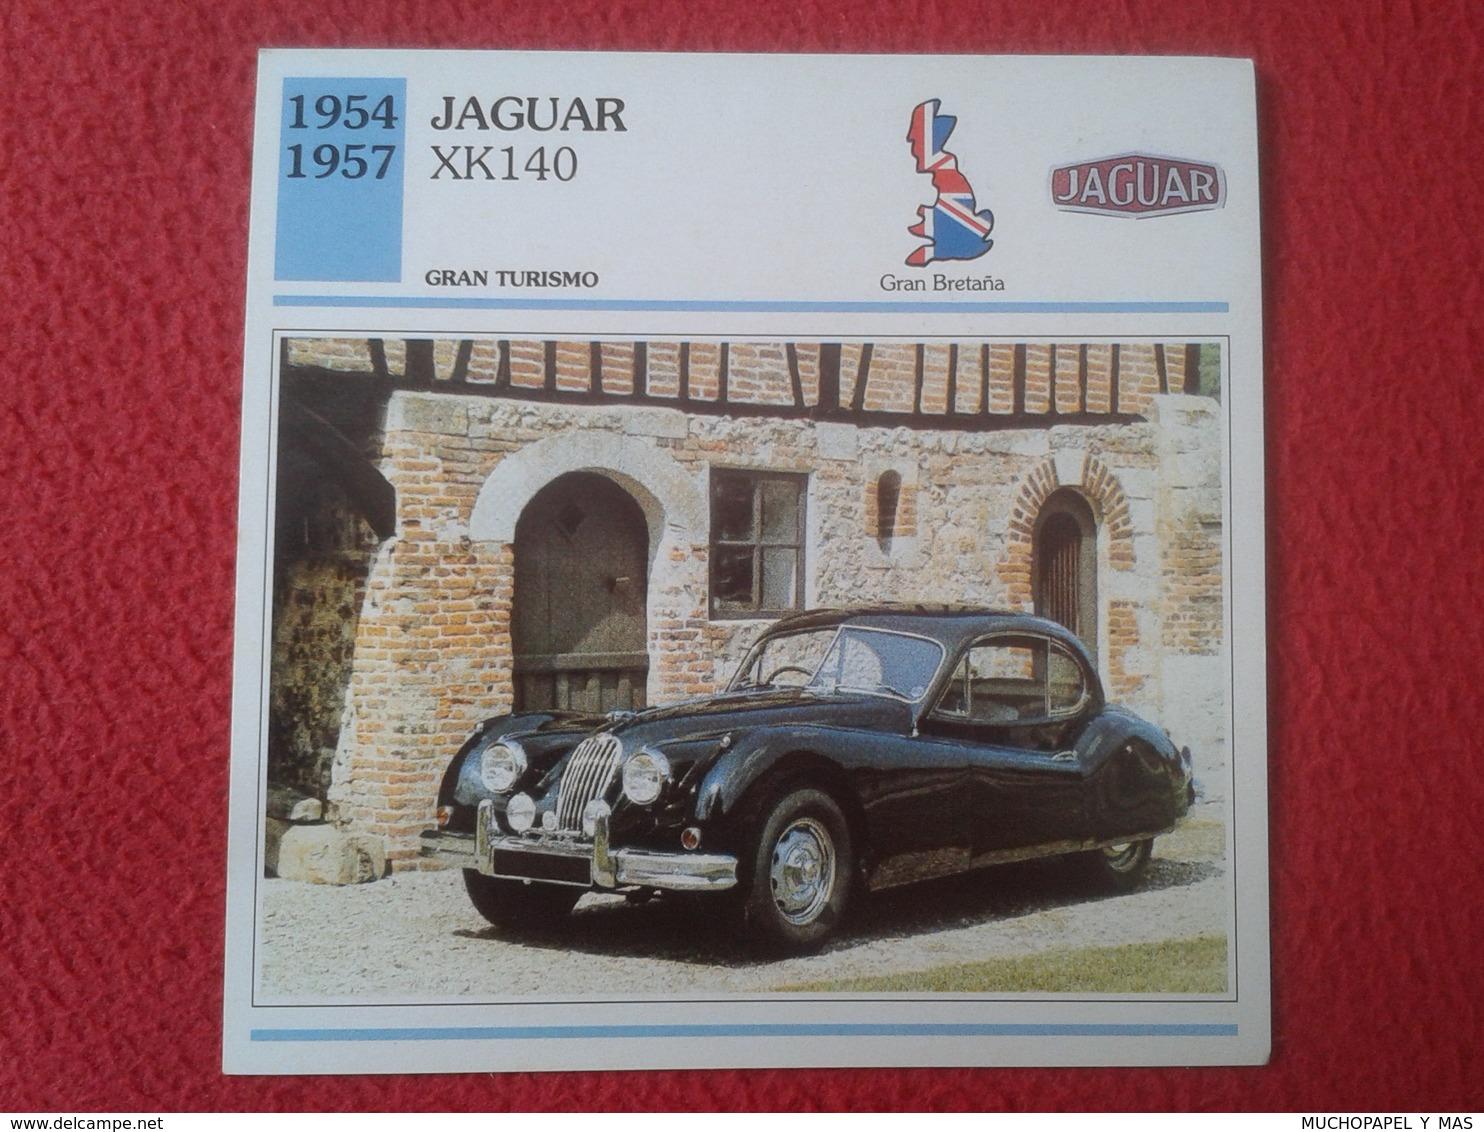 FICHA TÉCNICA DATA TECNICAL SHEET FICHE TECHNIQUE AUTO COCHE CAR VOITURE 1954 1957 JAGUAR XK140 GREAT BRITAIN CARS VER F - Coches